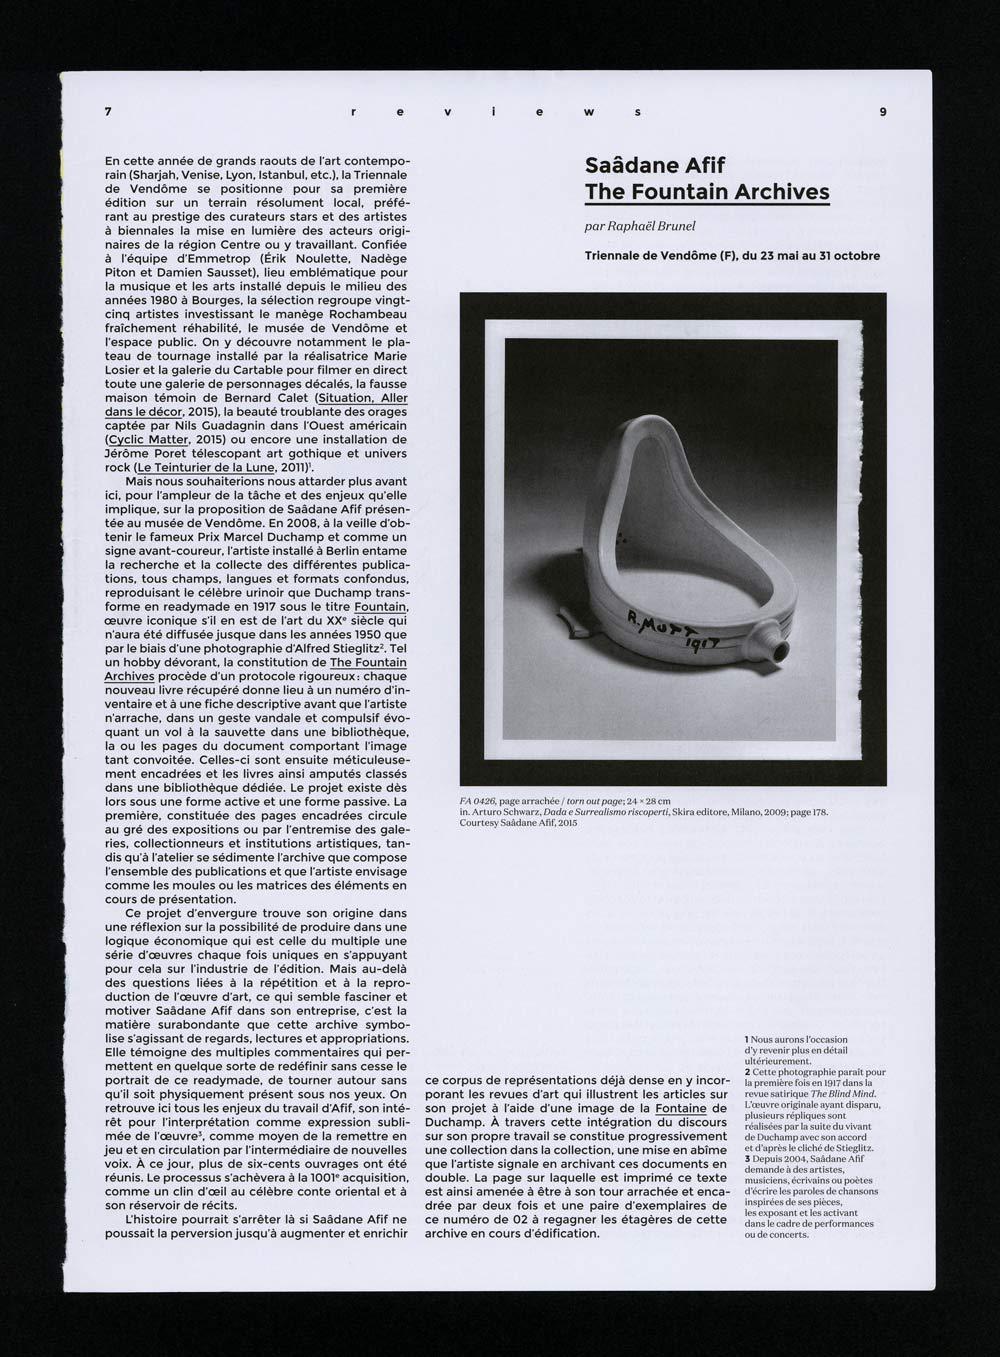 Cadre Original Pour Plusieurs Photos fa 0618 - the fountain archives